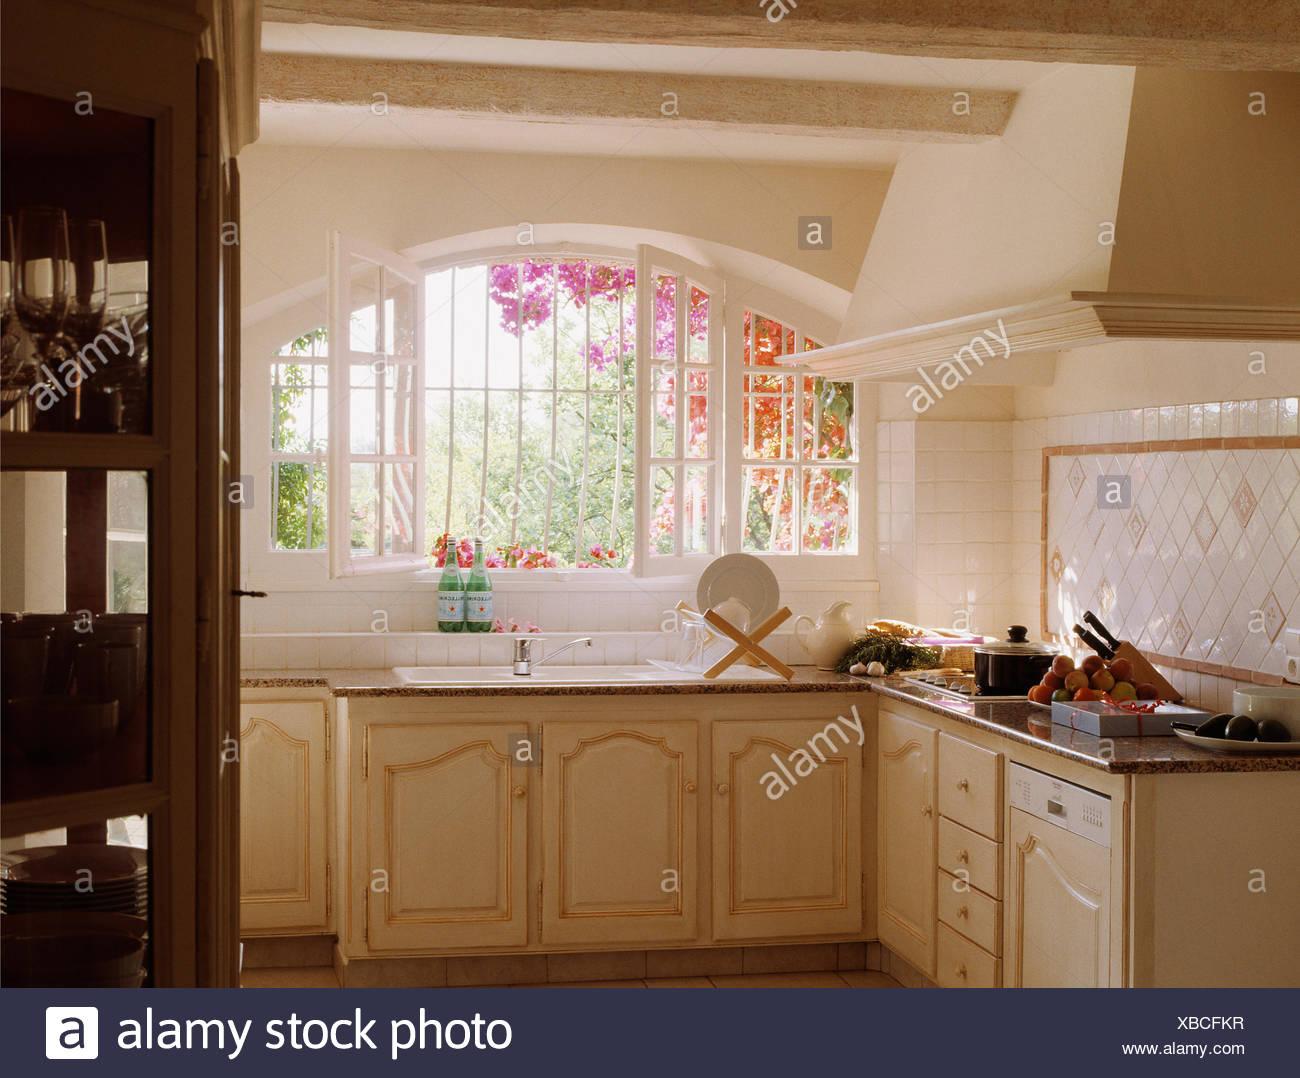 Crema paese francese cucina con lavello sotto la finestra aperta per giardino foto immagine - Cucine sotto finestra ...